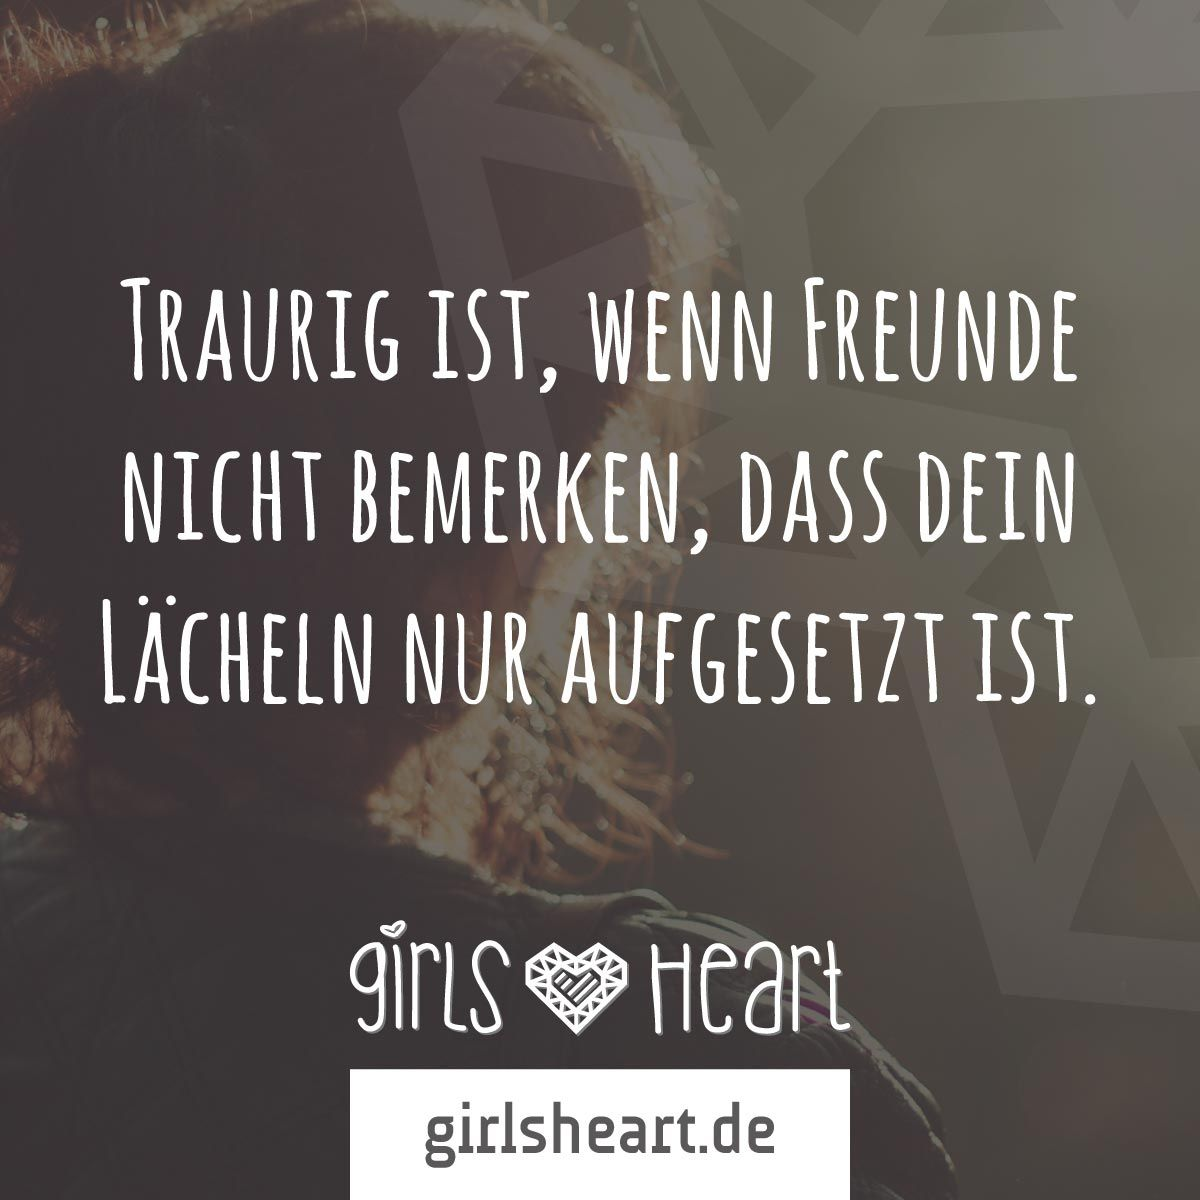 traurige sprüche freundschaft verloren Mehr Sprüche auf: .girlsheart.de #trauer #freunde #lächeln  traurige sprüche freundschaft verloren